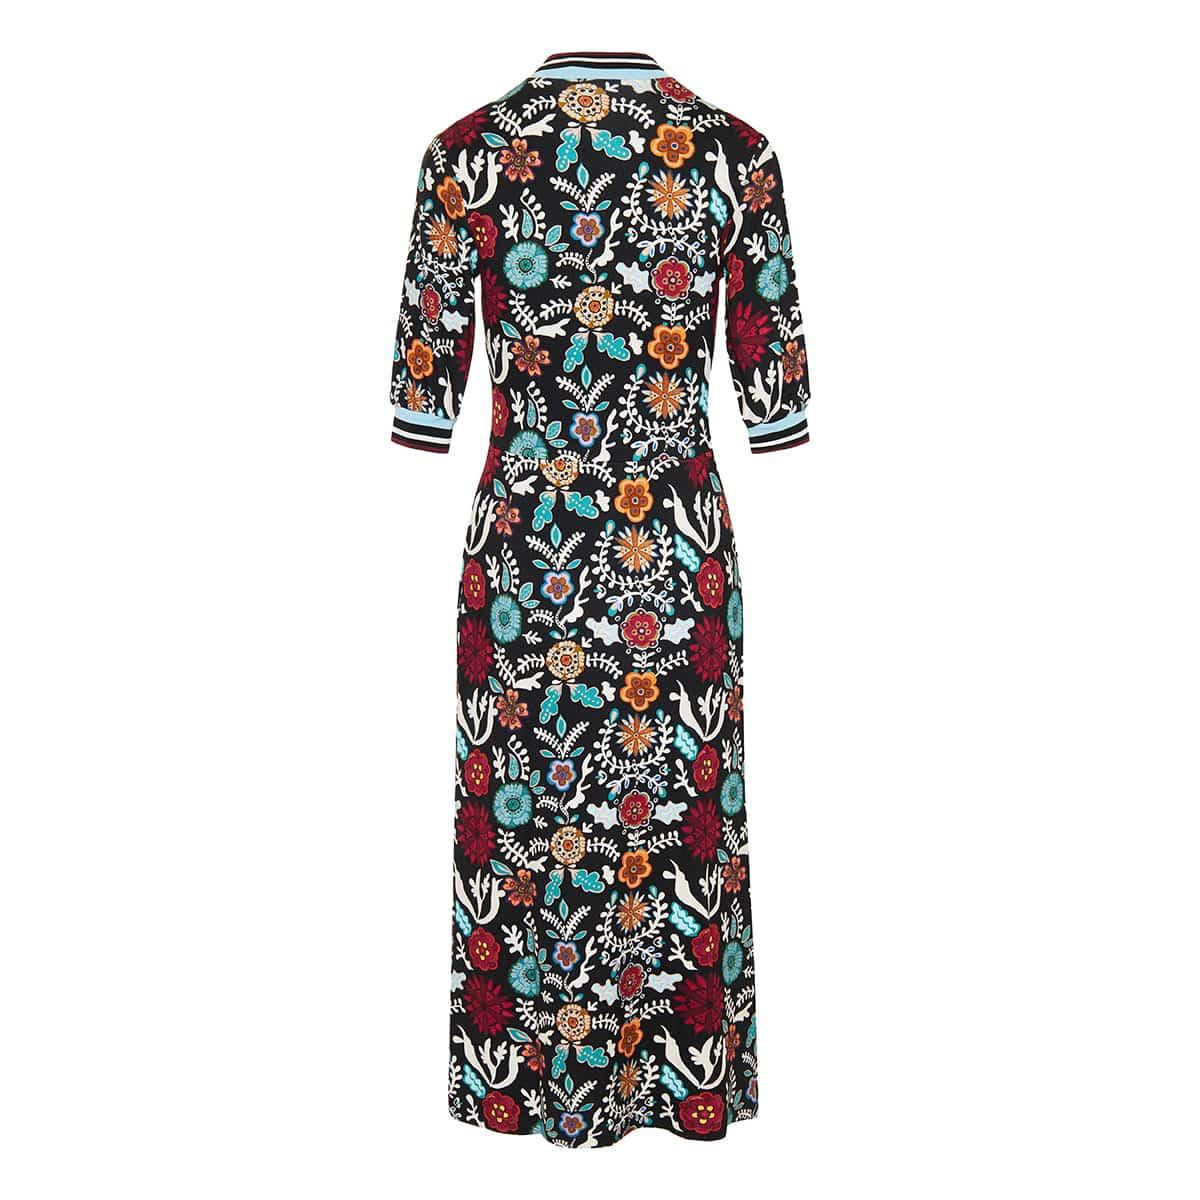 Snug printed midi dress